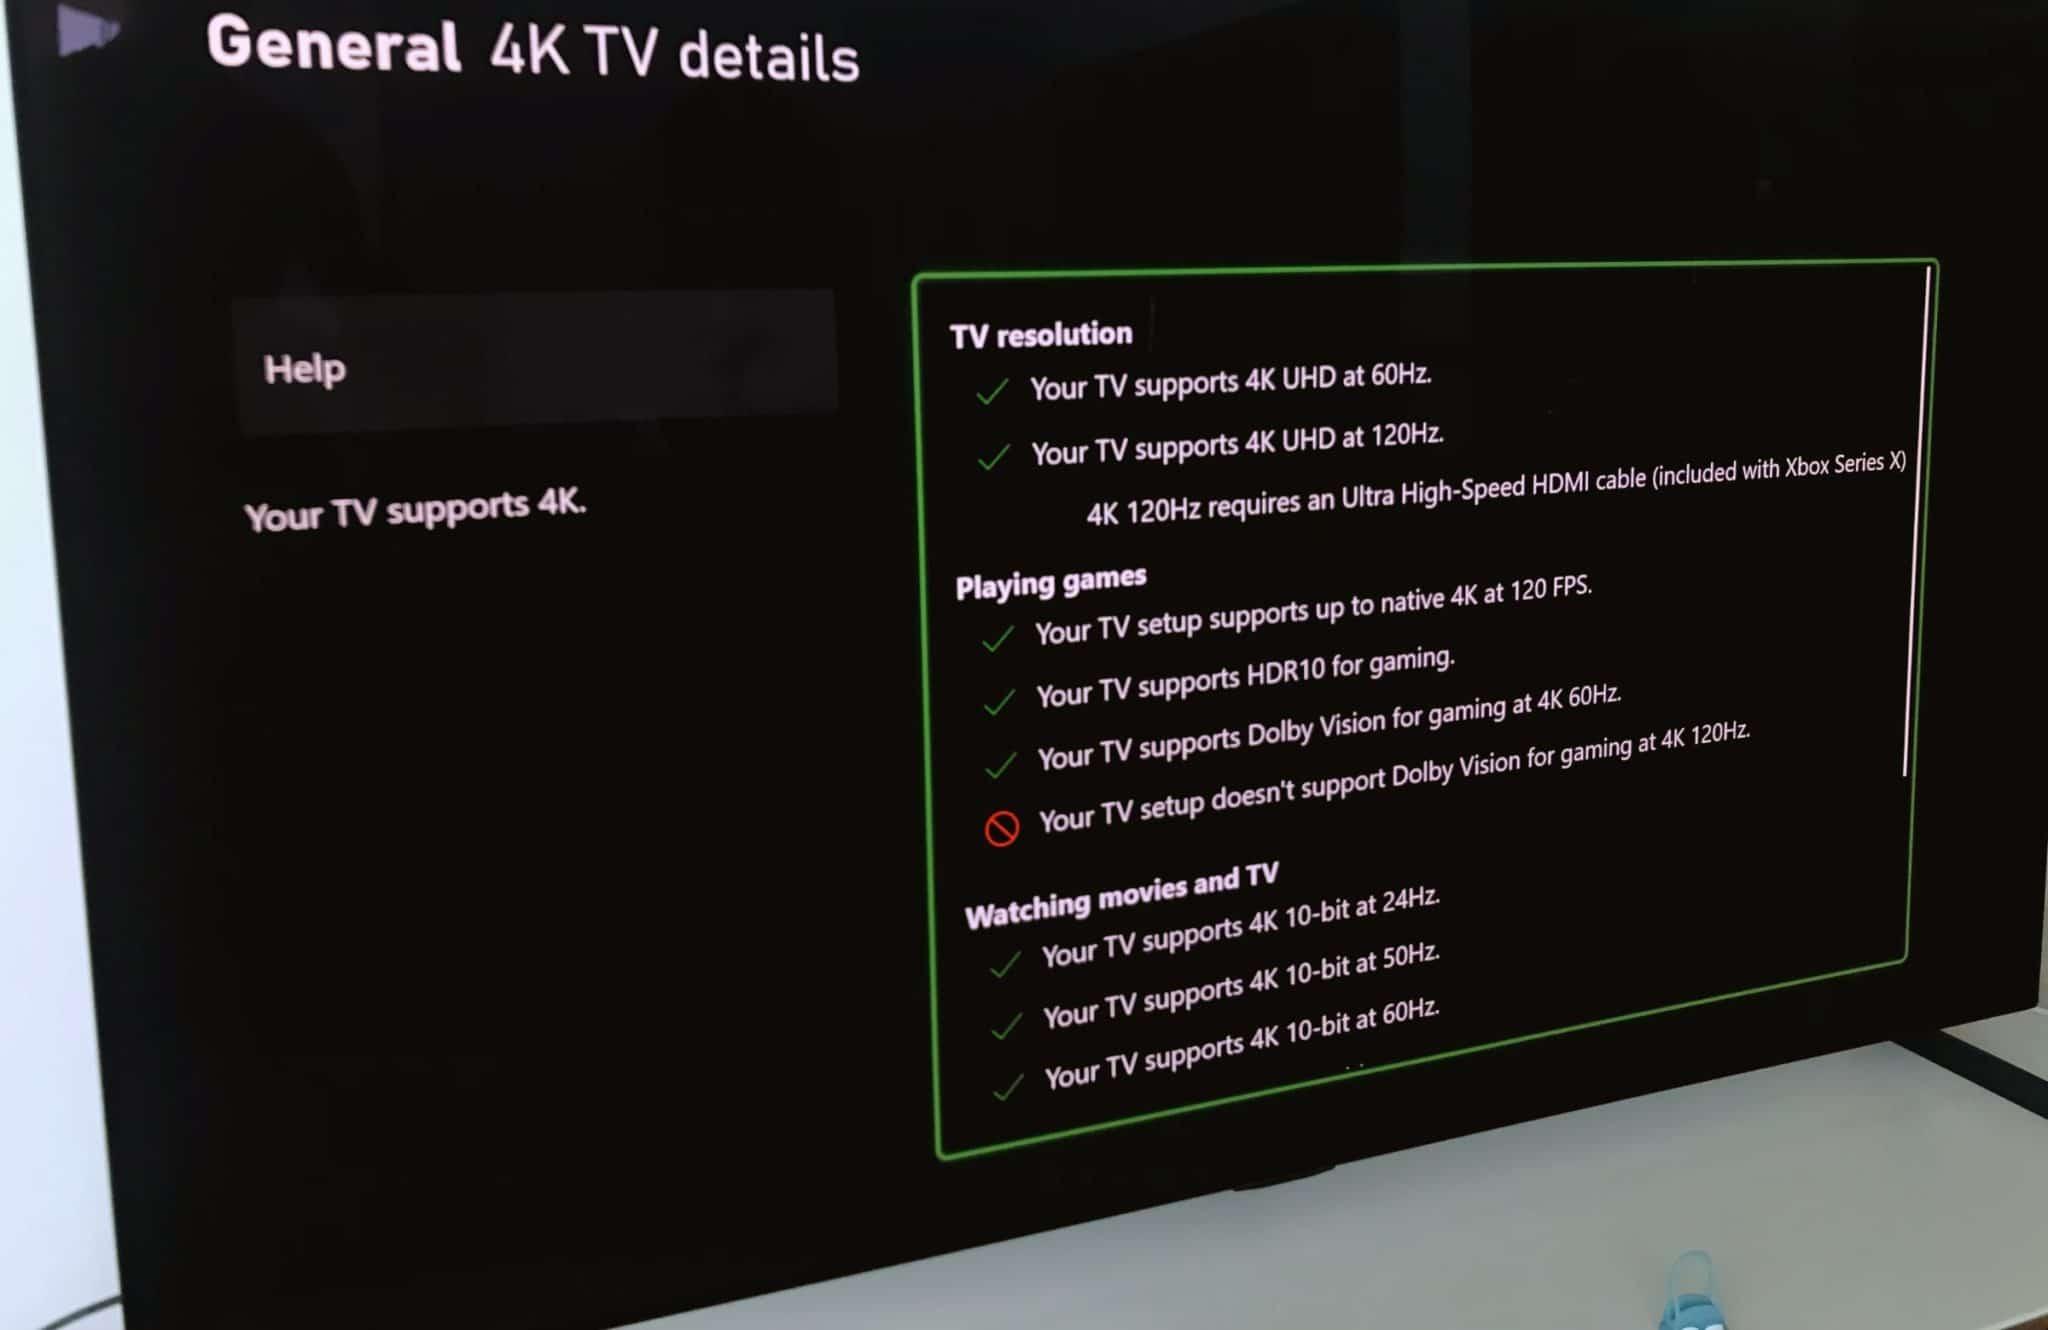 Телевизоры LG получат поддержку 4K 120 Hz Dolby Vision Gaming вскоре с обновлением